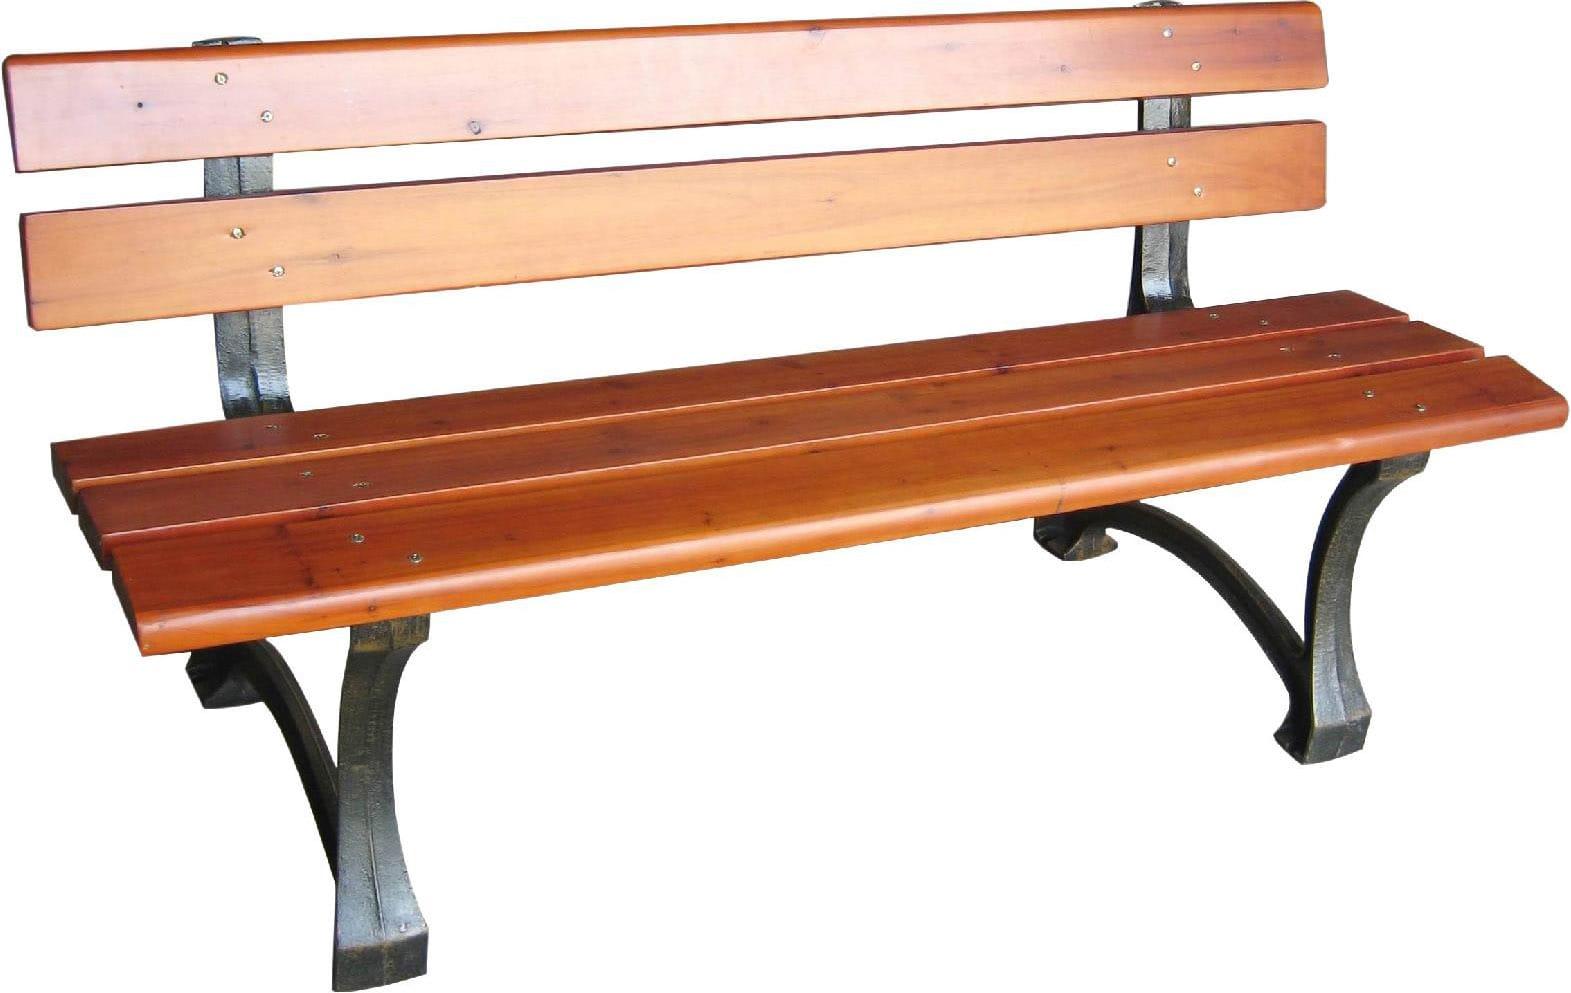 Panchine Da Giardino Usate : Vendita panchine da giardino usate panche in legno usate tavoli